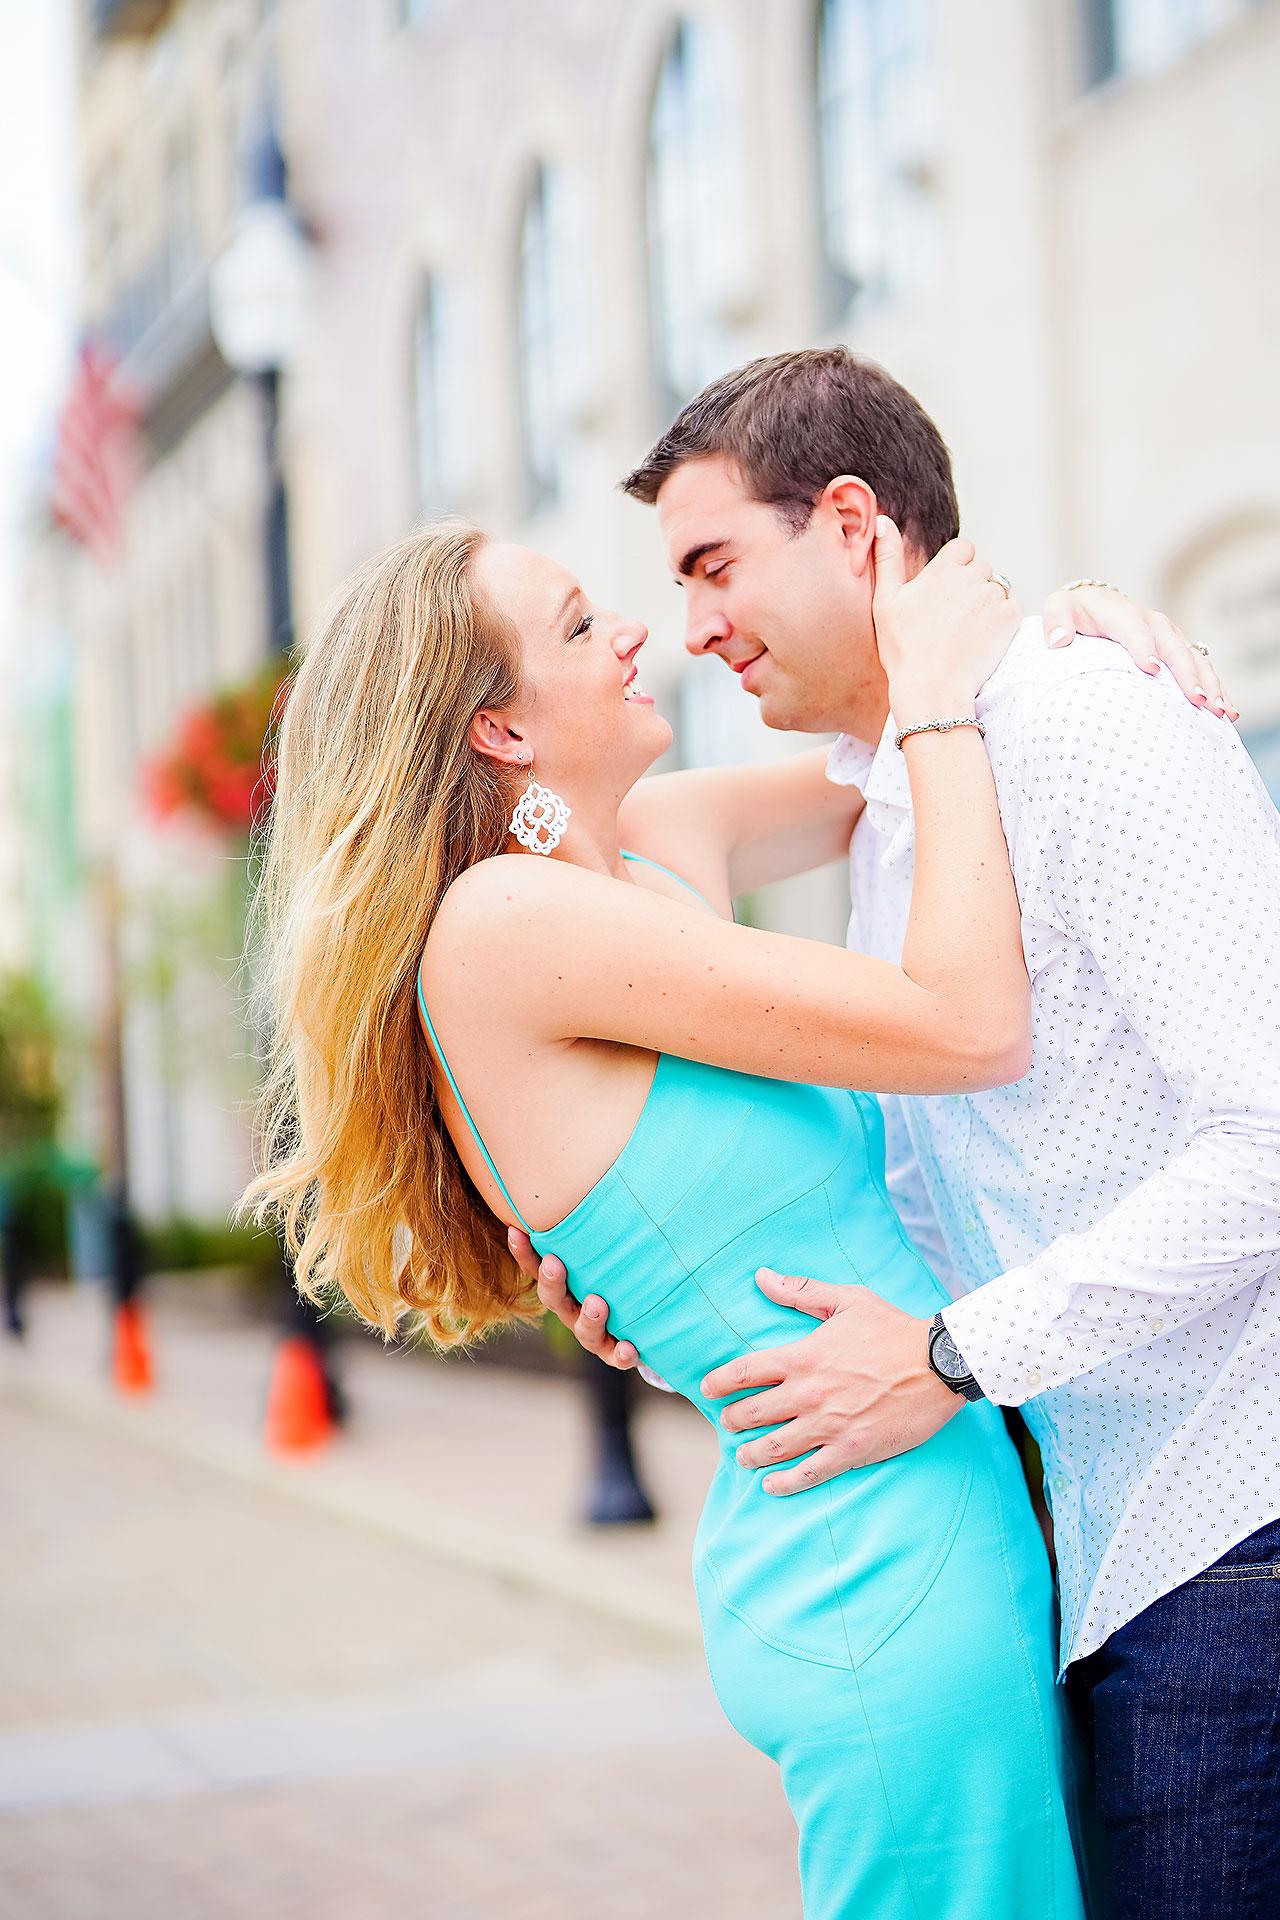 Liz Zach Midtown Carmel Engagement Session 113